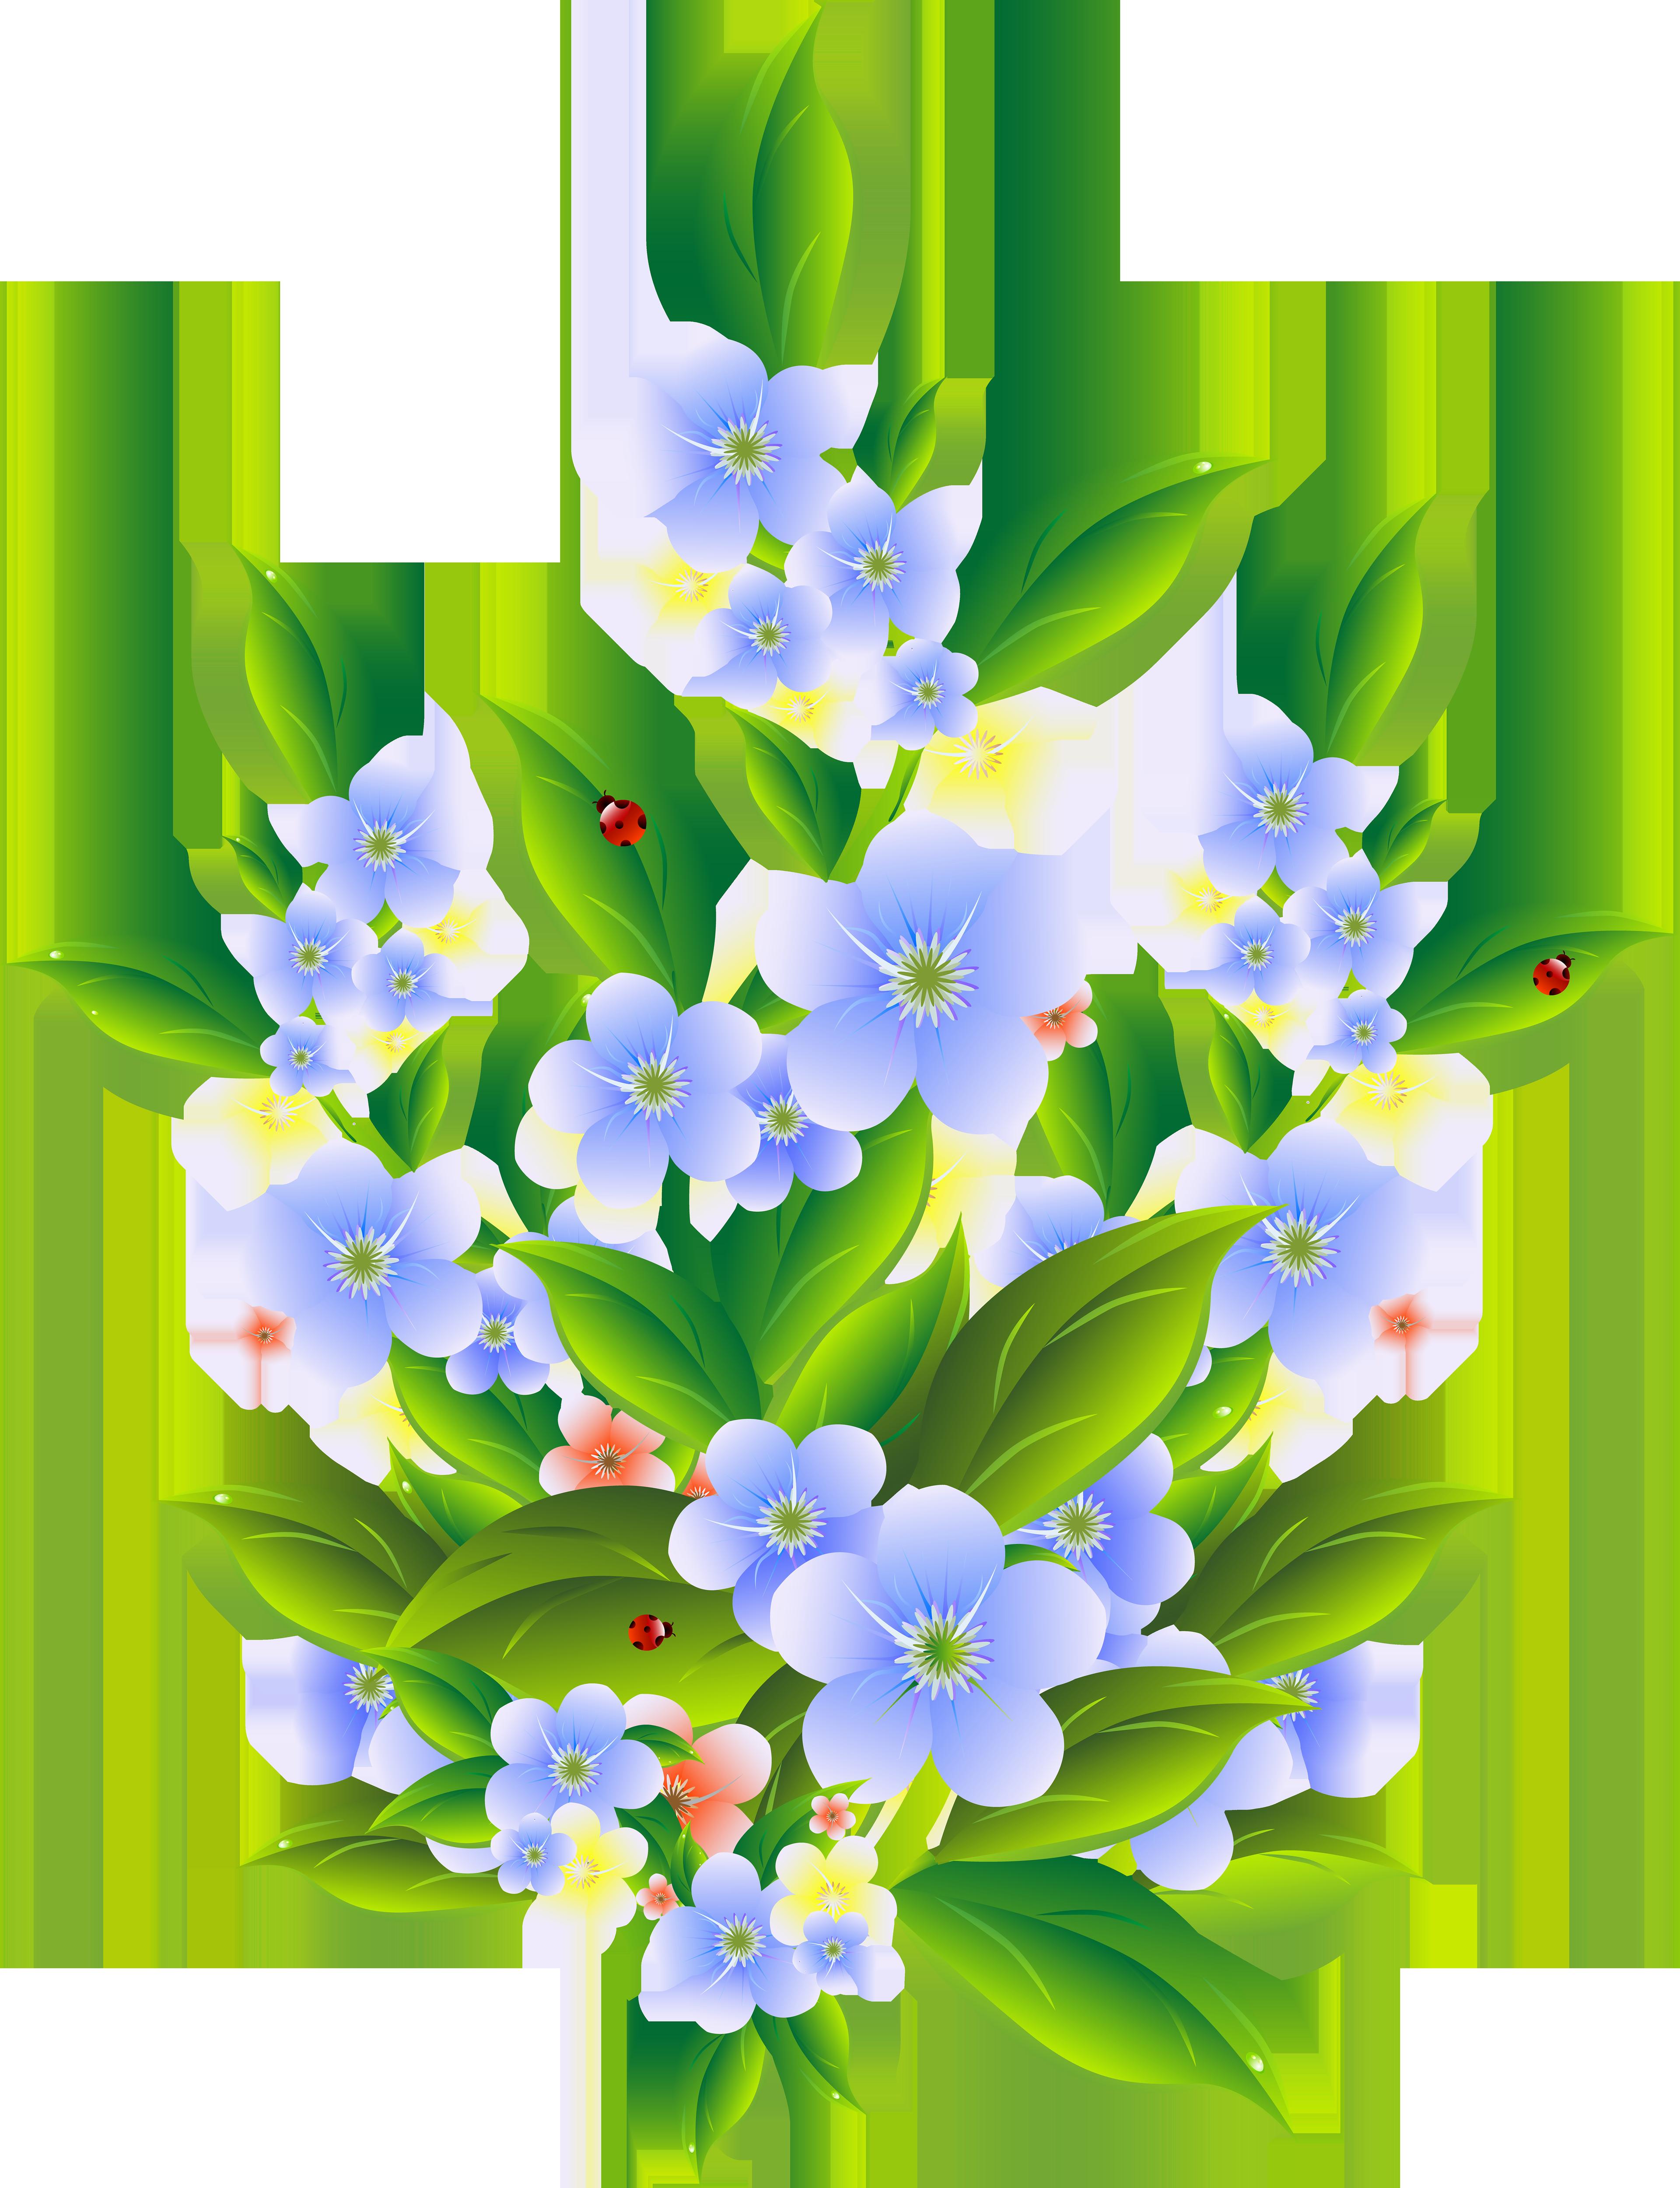 Floral Bush Decoration Transparent Clip Art PNG Image.